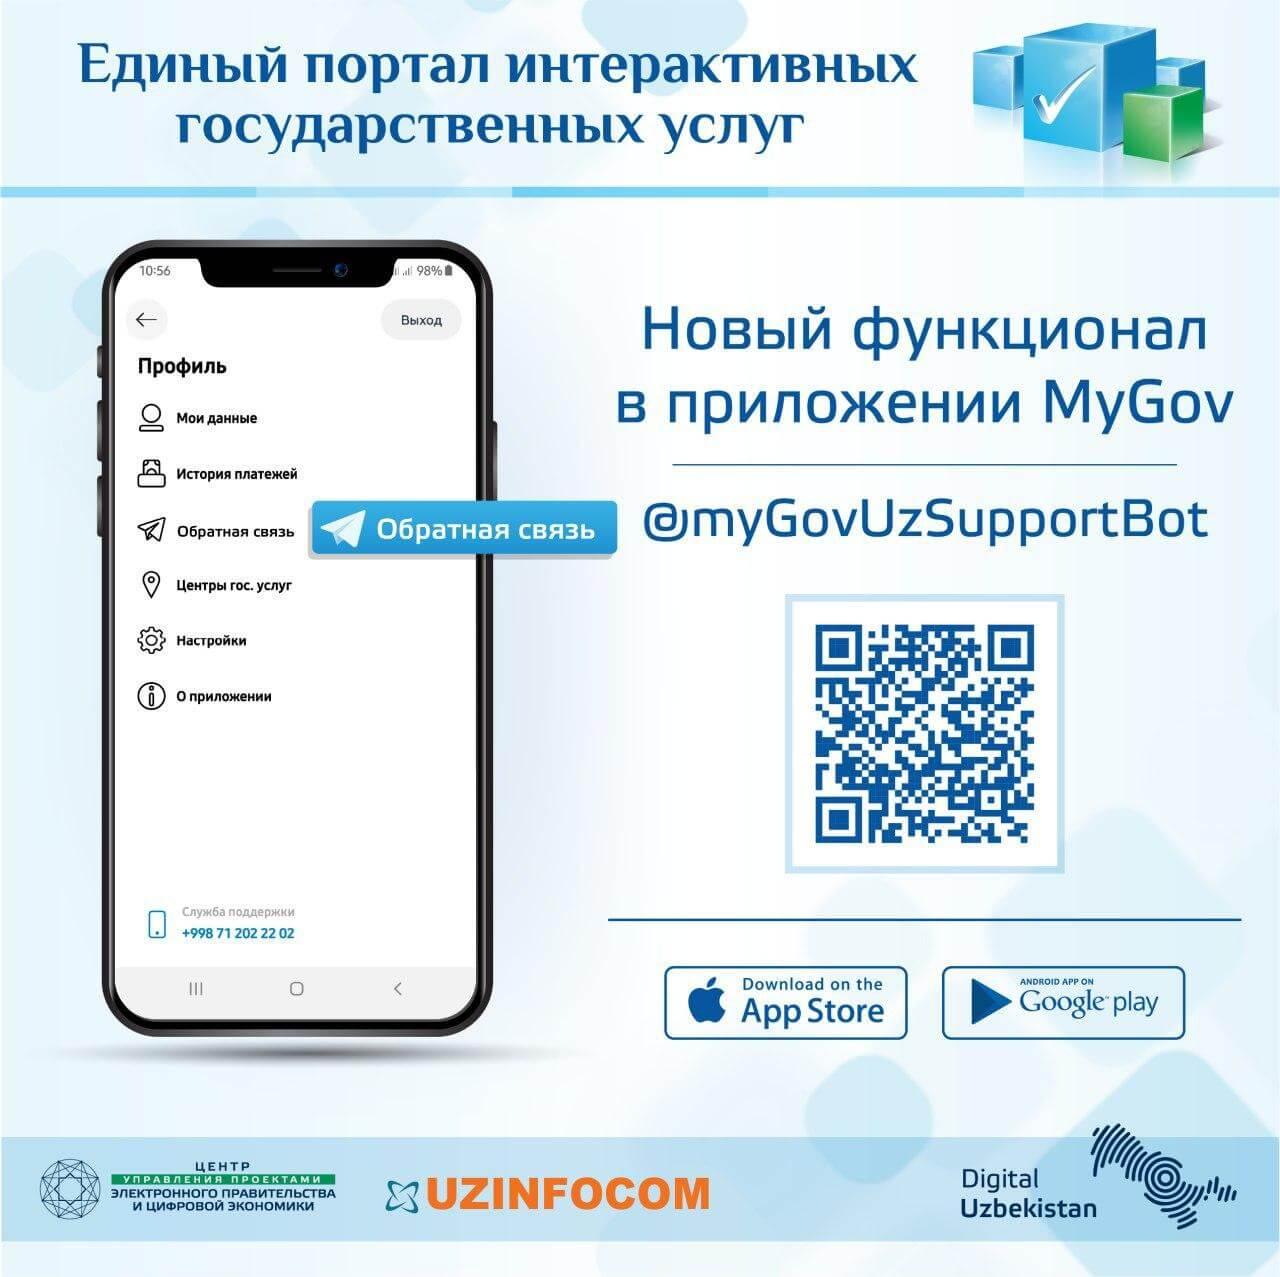 Телеграм-бот единого портала интерактивных государственных услуг